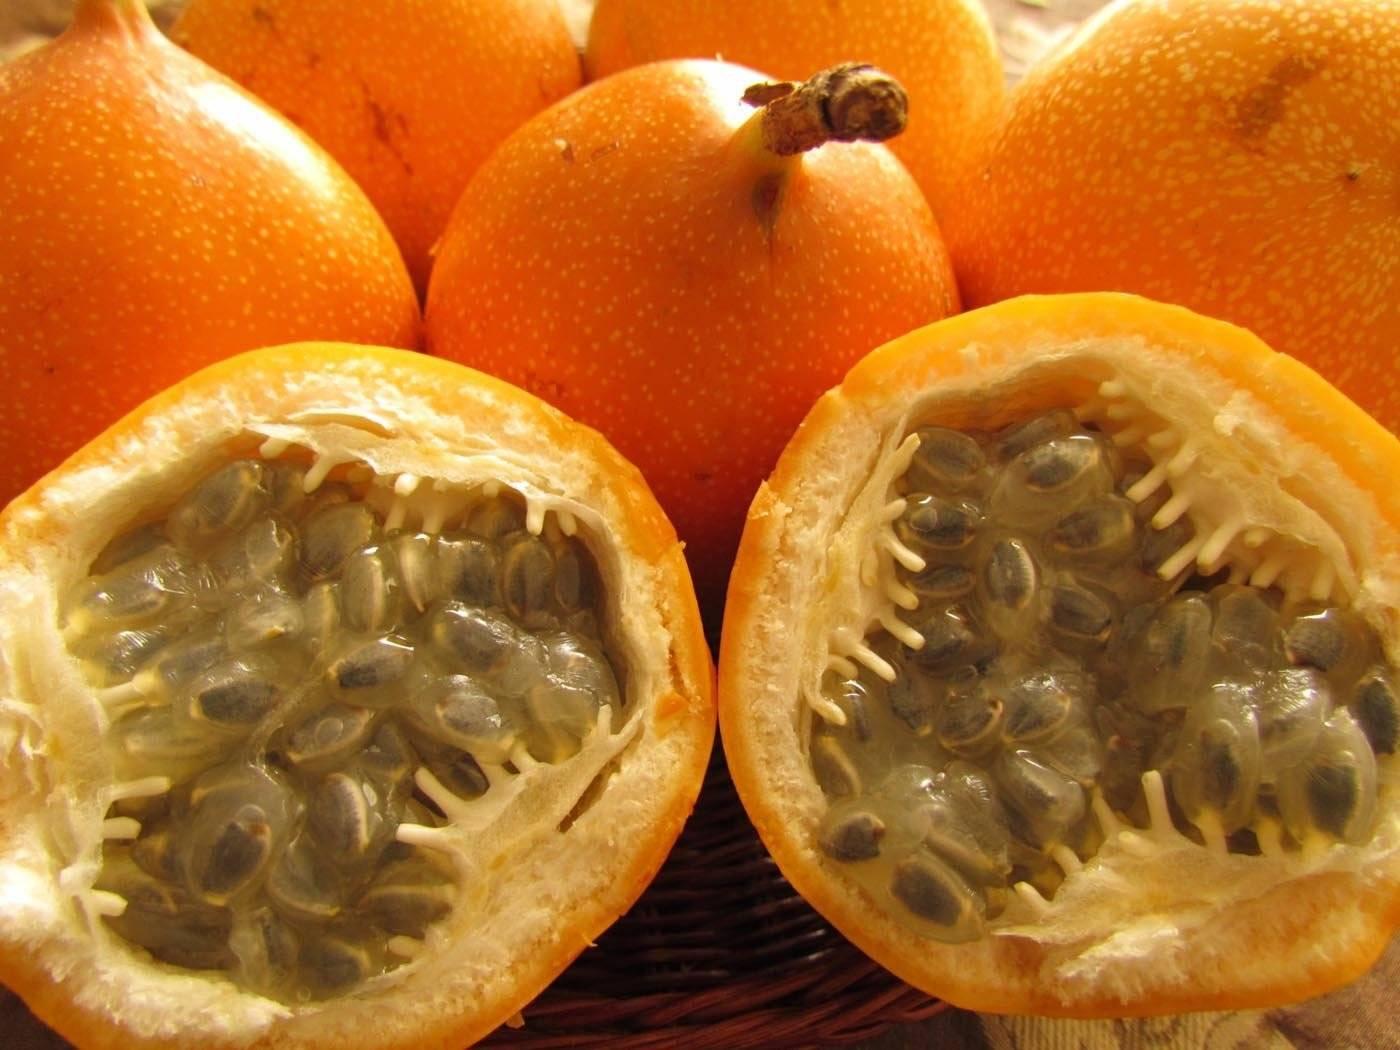 «золотой апельсин» кумкват: его польза для организма человека, возможный вред, нормы и области применения